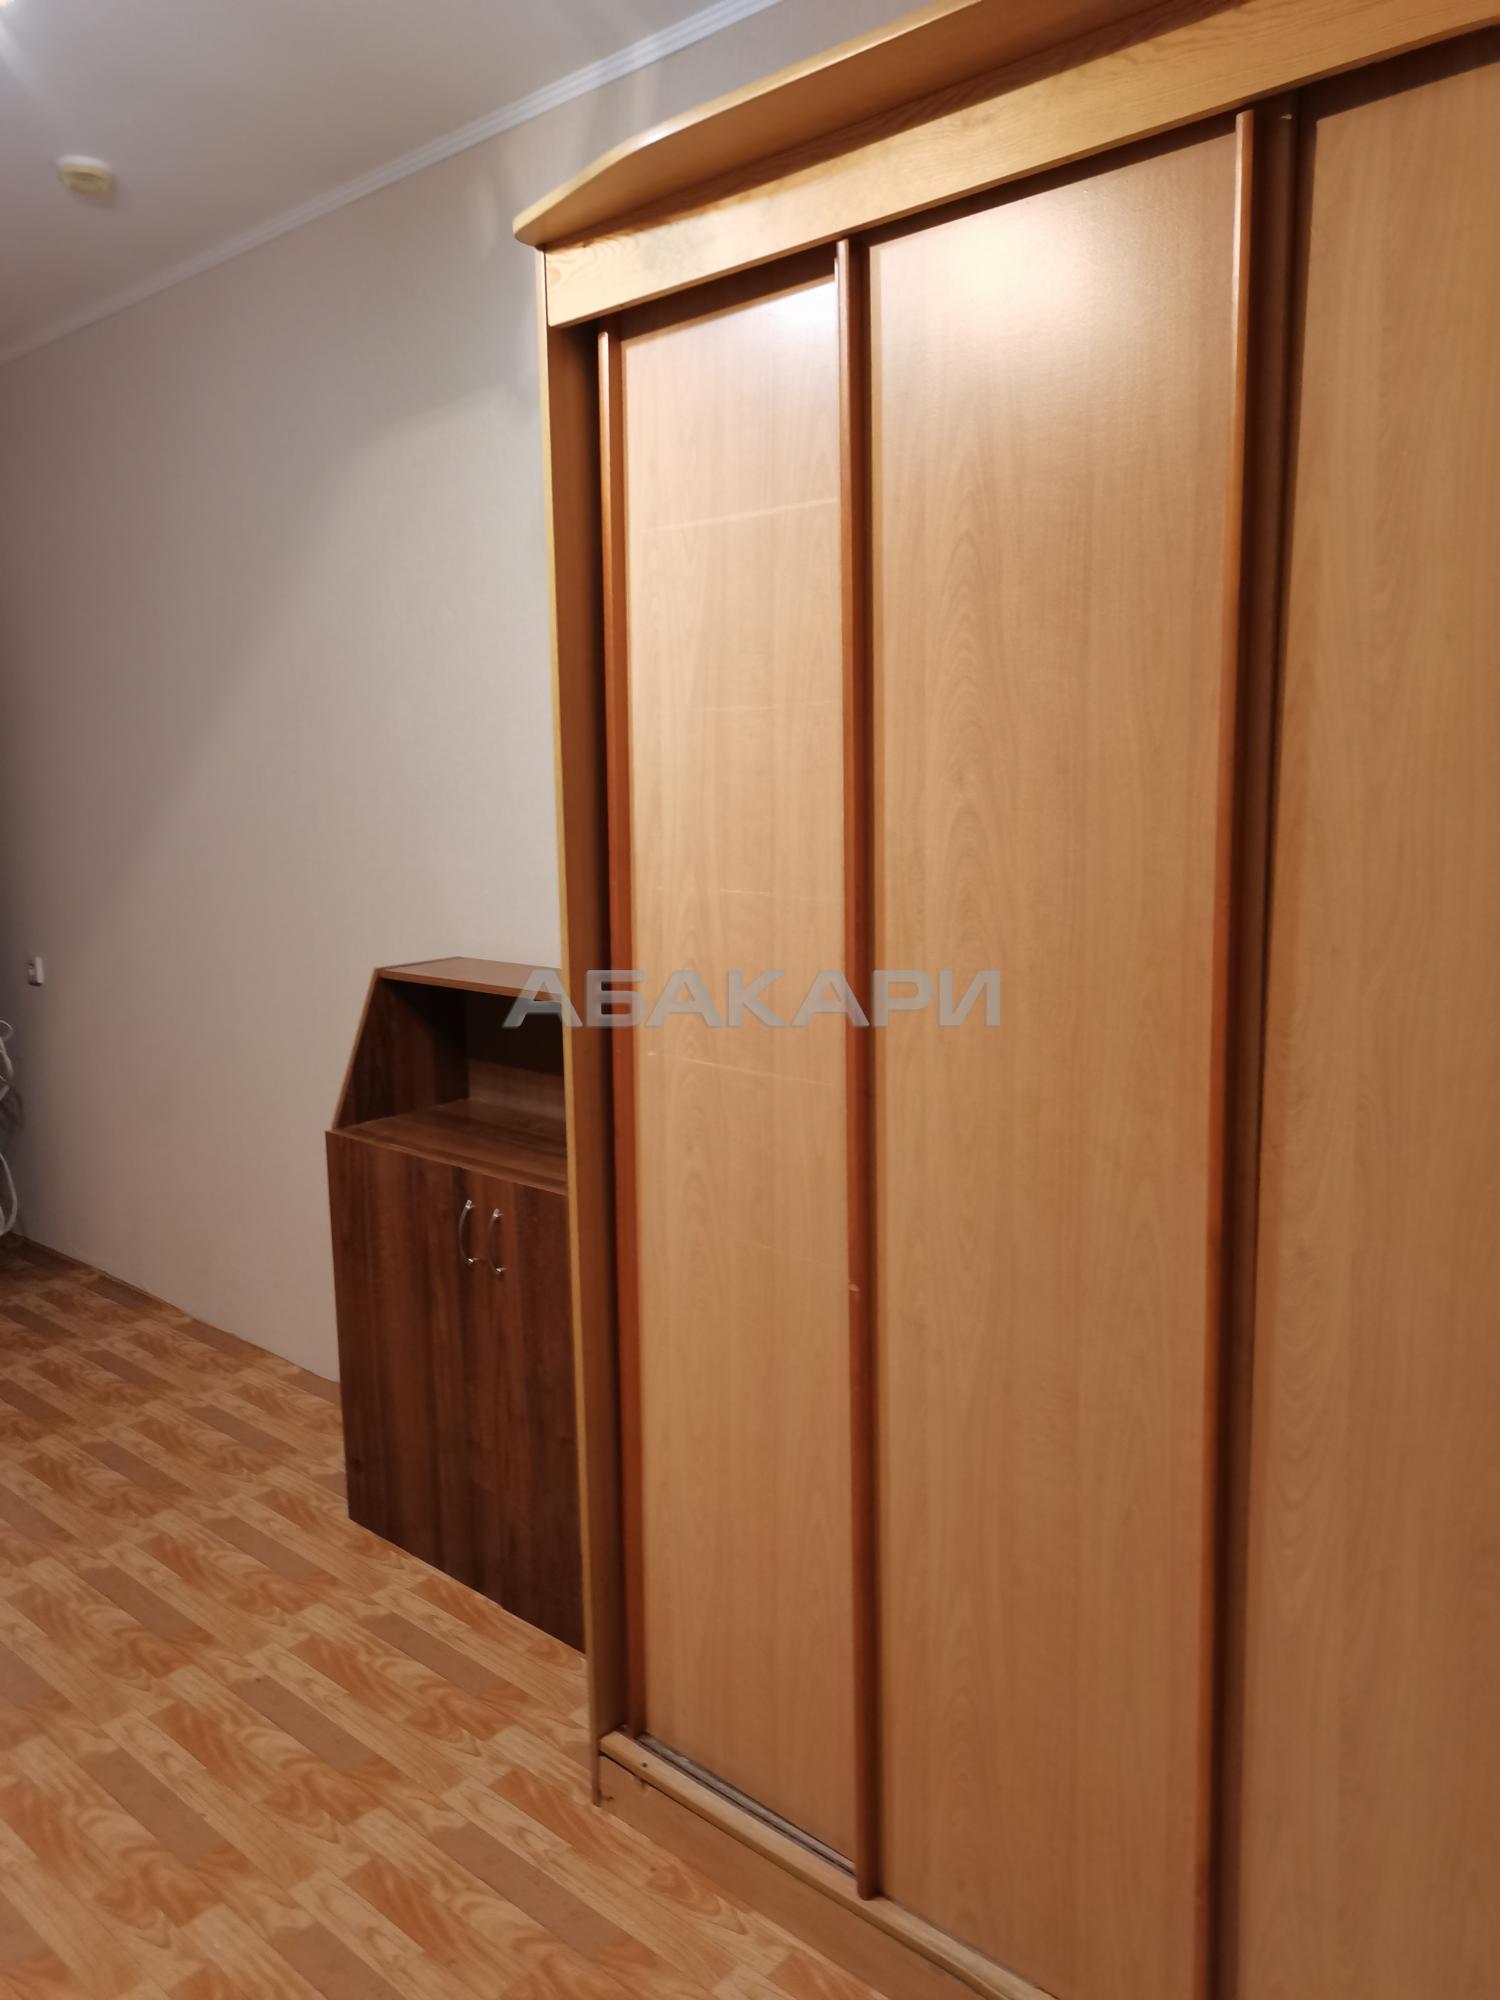 1к квартира Ястынская улица, 18   15000   аренда в Красноярске фото 1